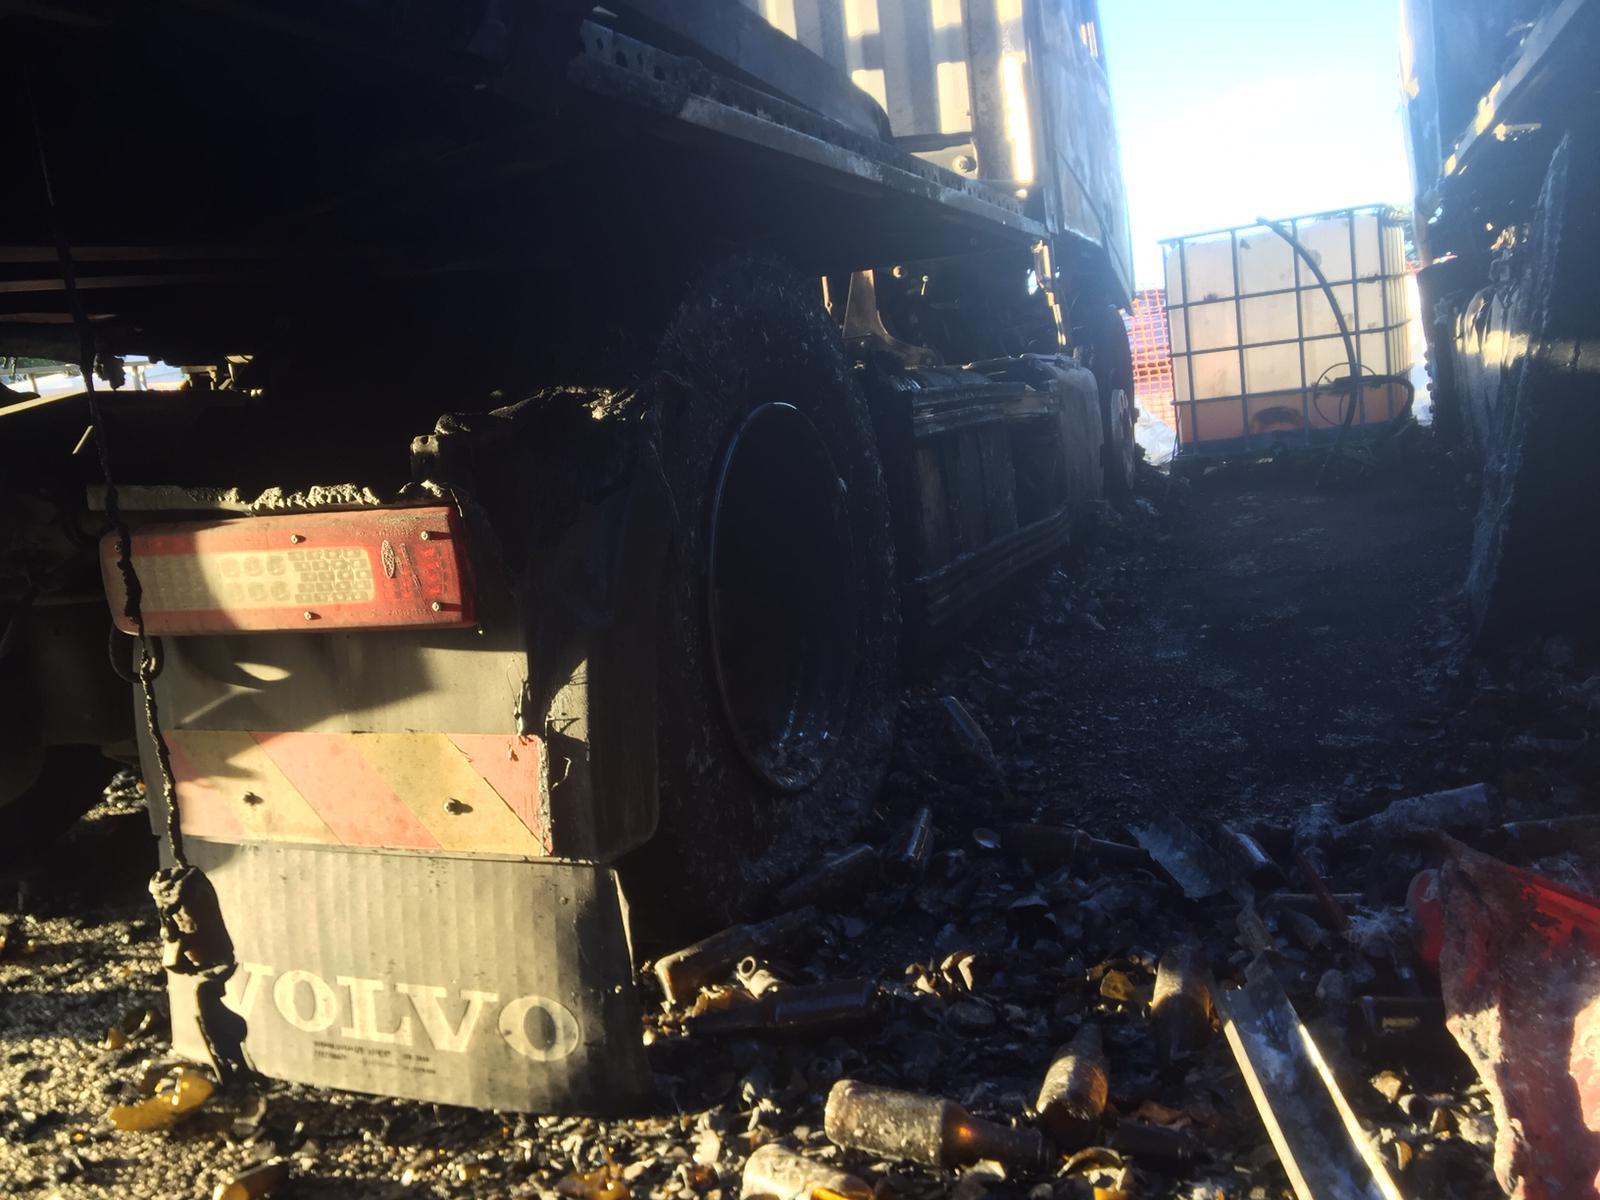 ripristino stradale dopo incidente camion 15